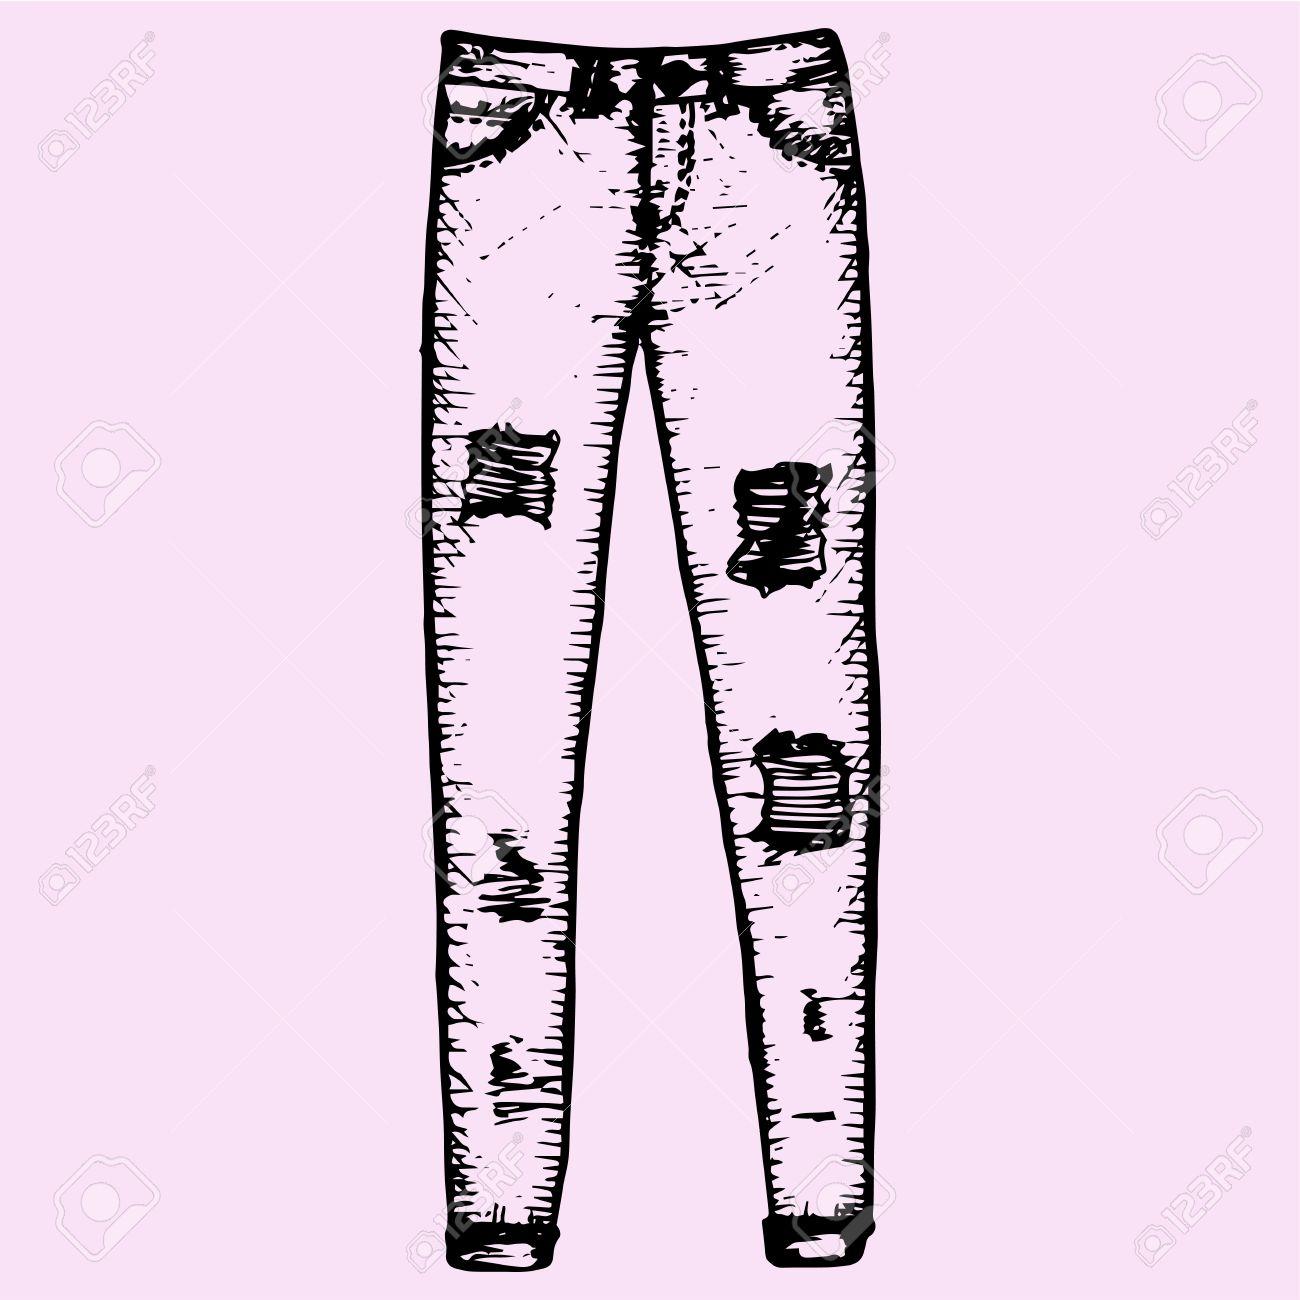 a03c5e394 Foto de archivo - Jeans